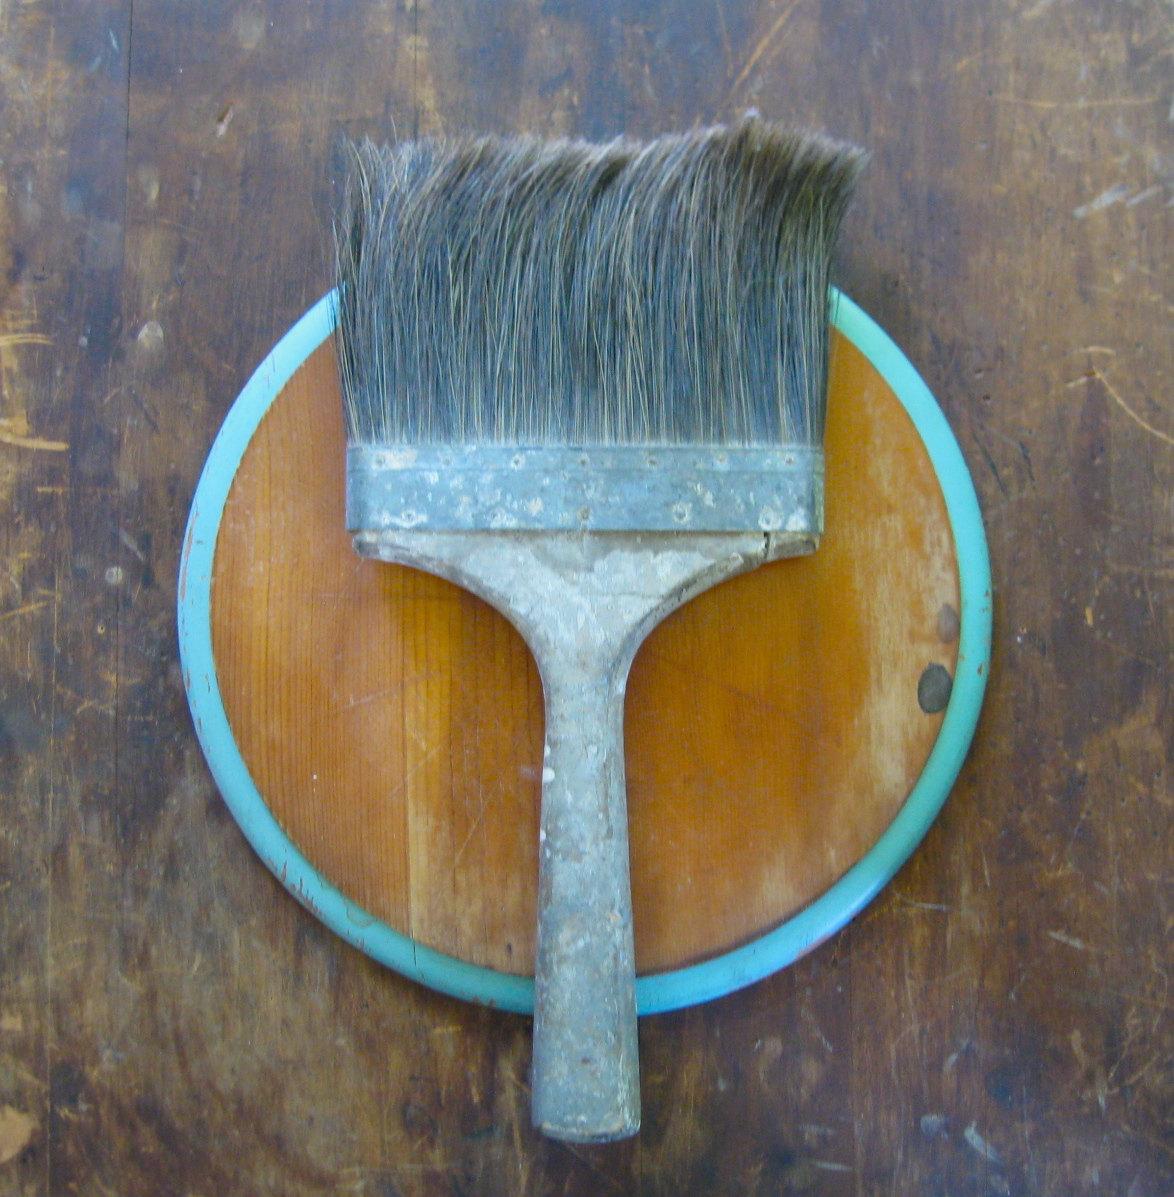 Free Download Primitive Vintage Brush Old Wallpaper Brush